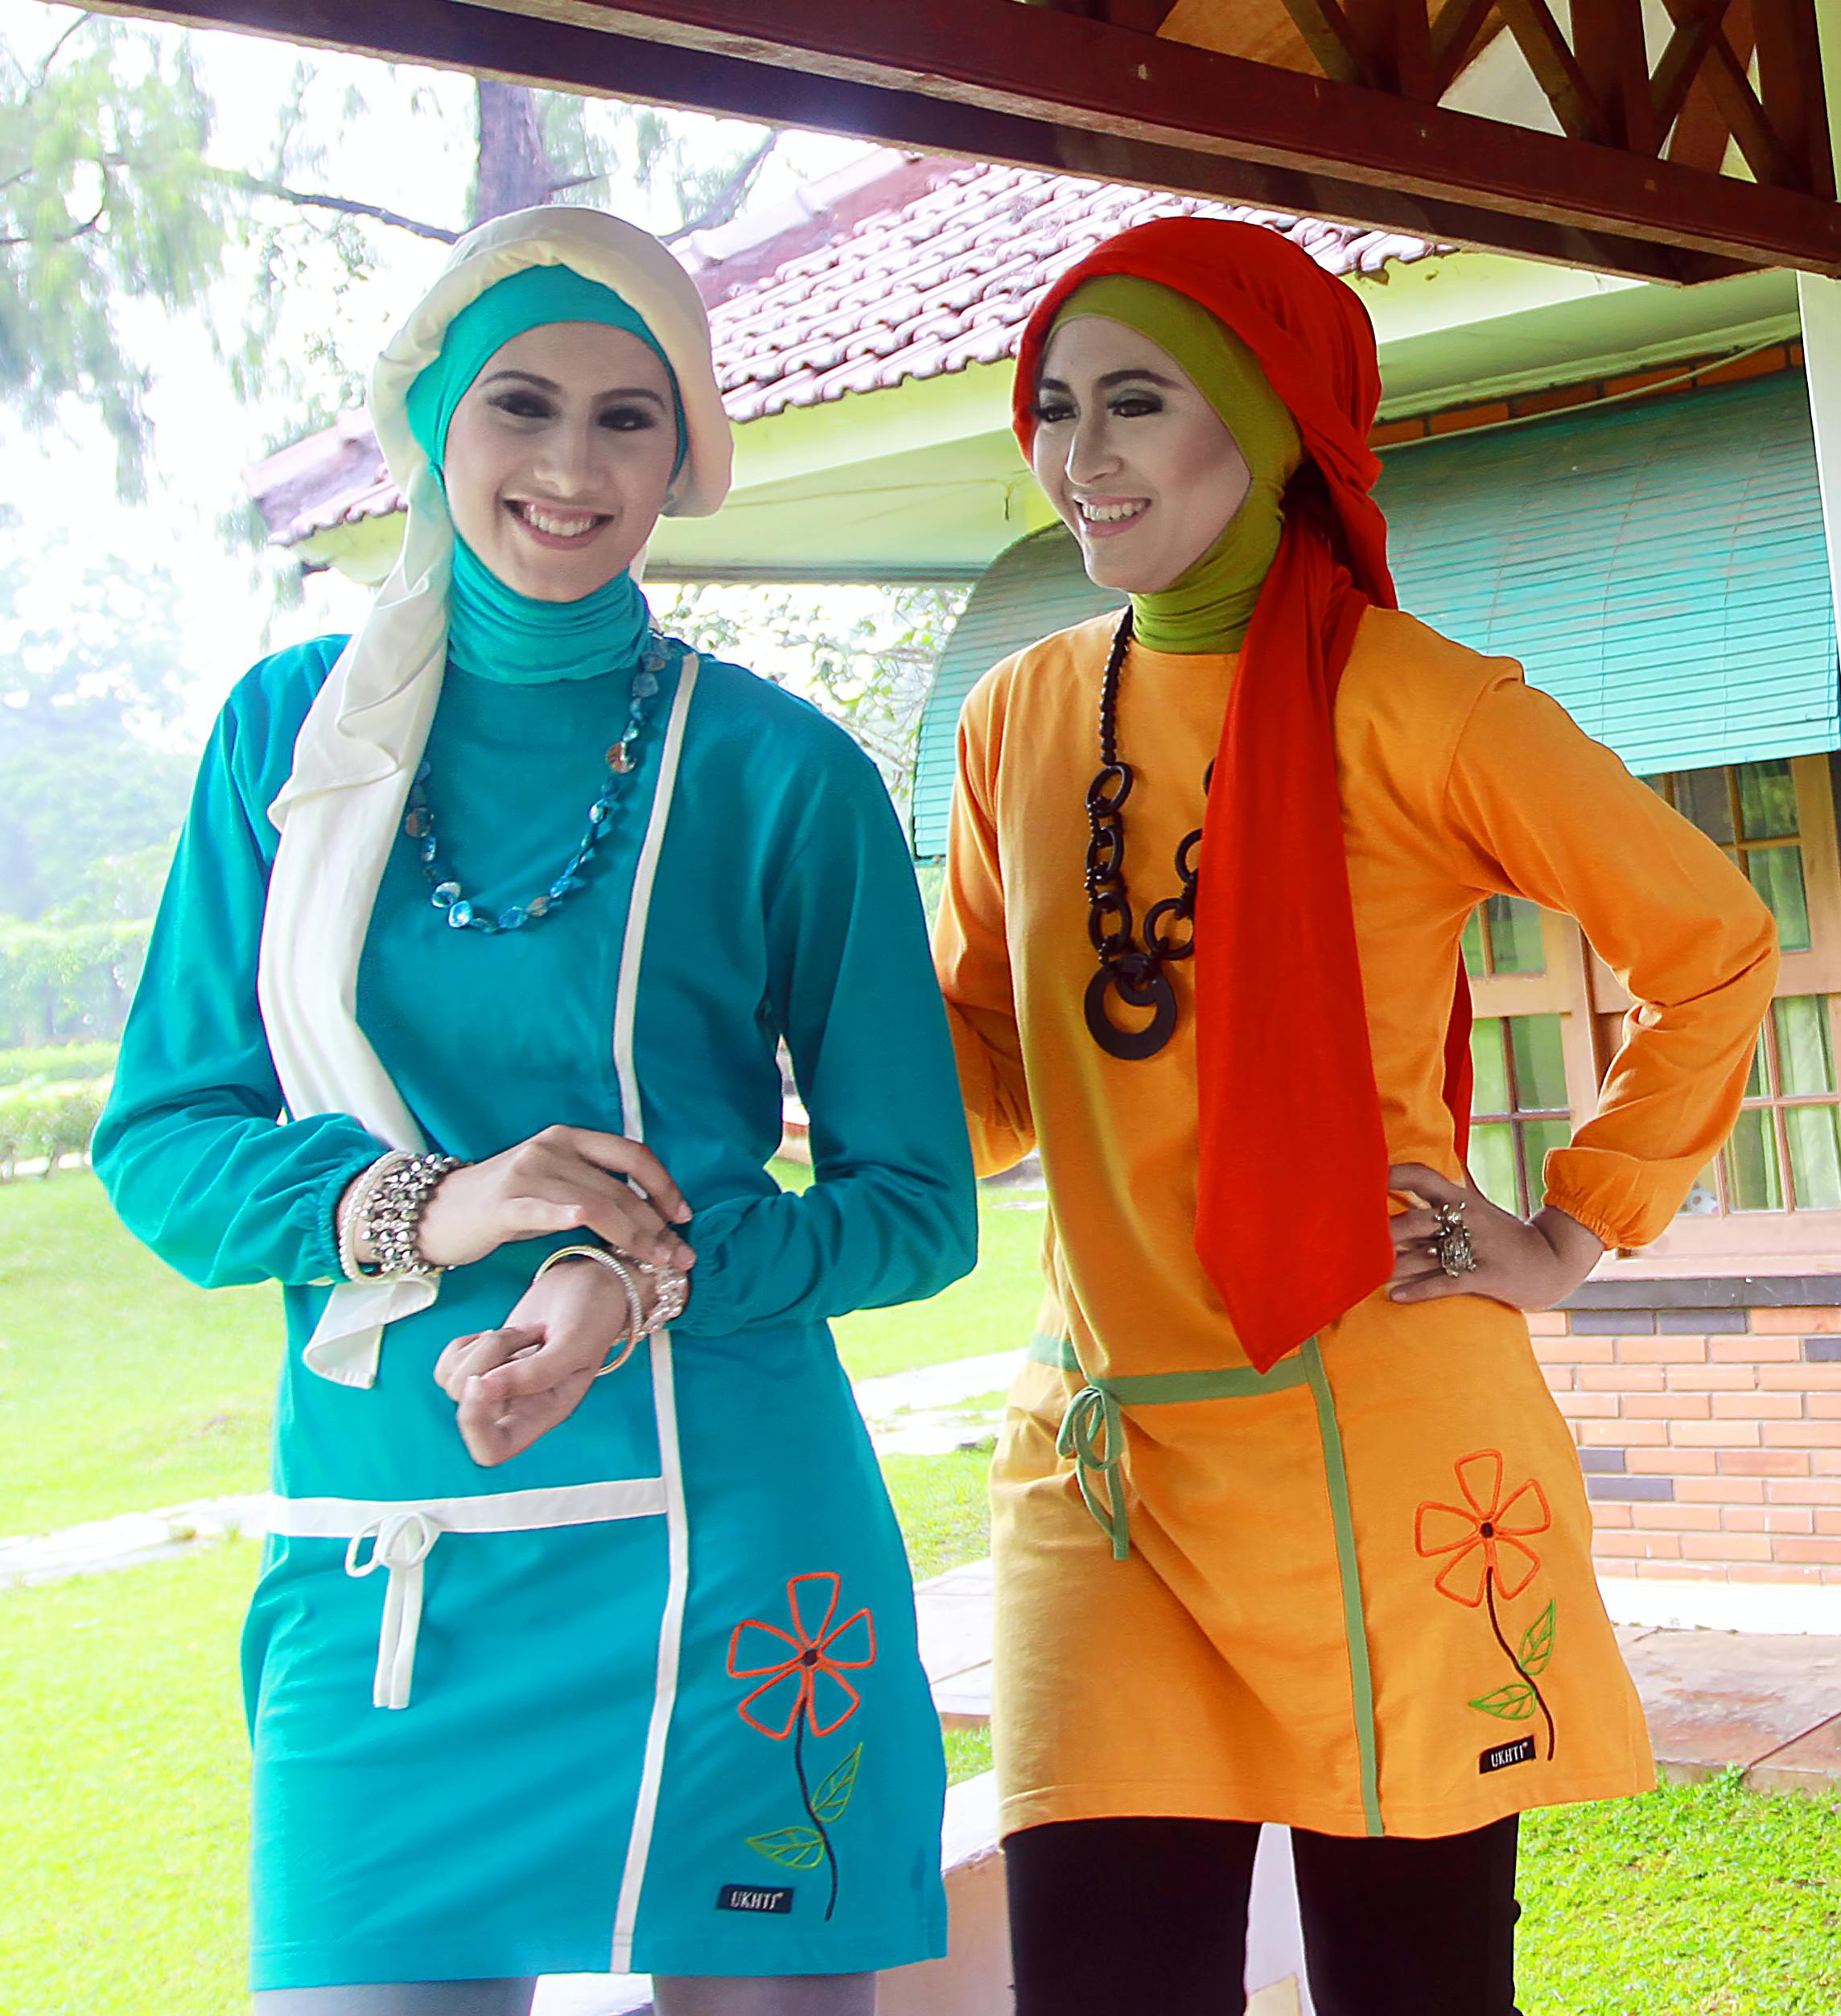 Knitted Artinya : Salah kaprah tentang kaos erita zurahmi